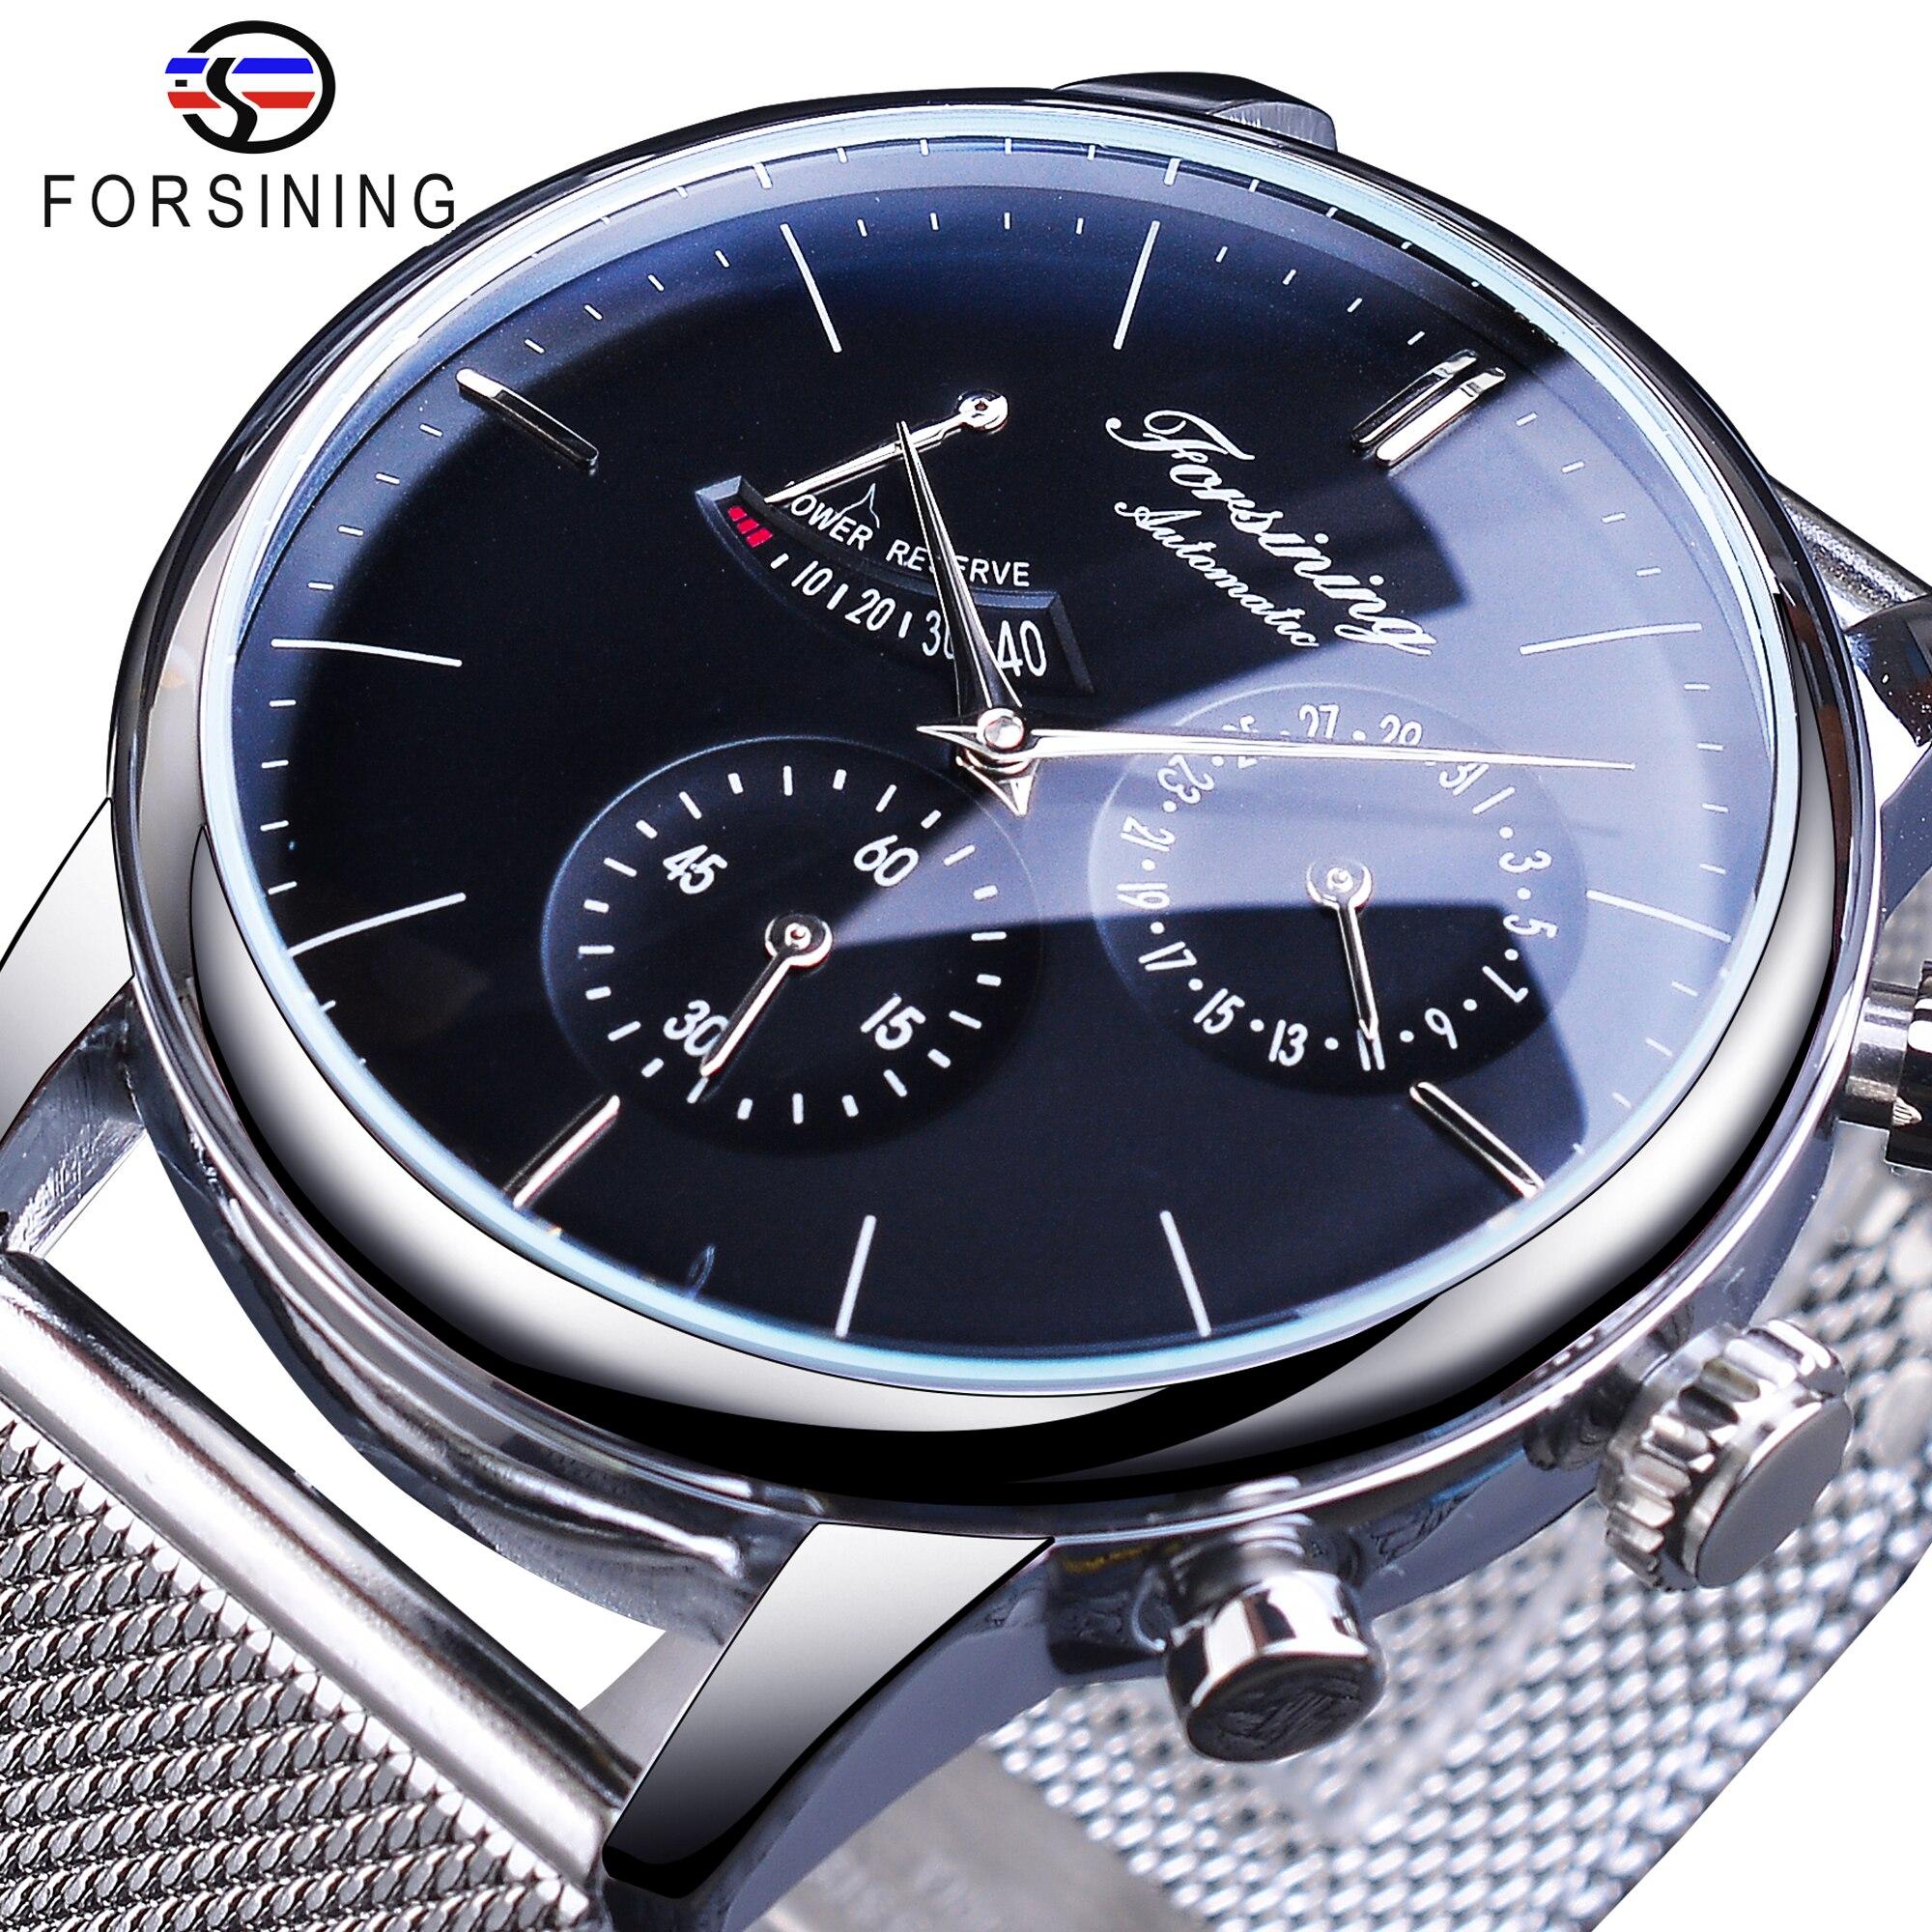 Forsining – montre bracelet en acier argenté pour homme, Design avec Date, avec réserve de puissance, mécanique et automatique, marque de luxe, 2021 | AliExpress